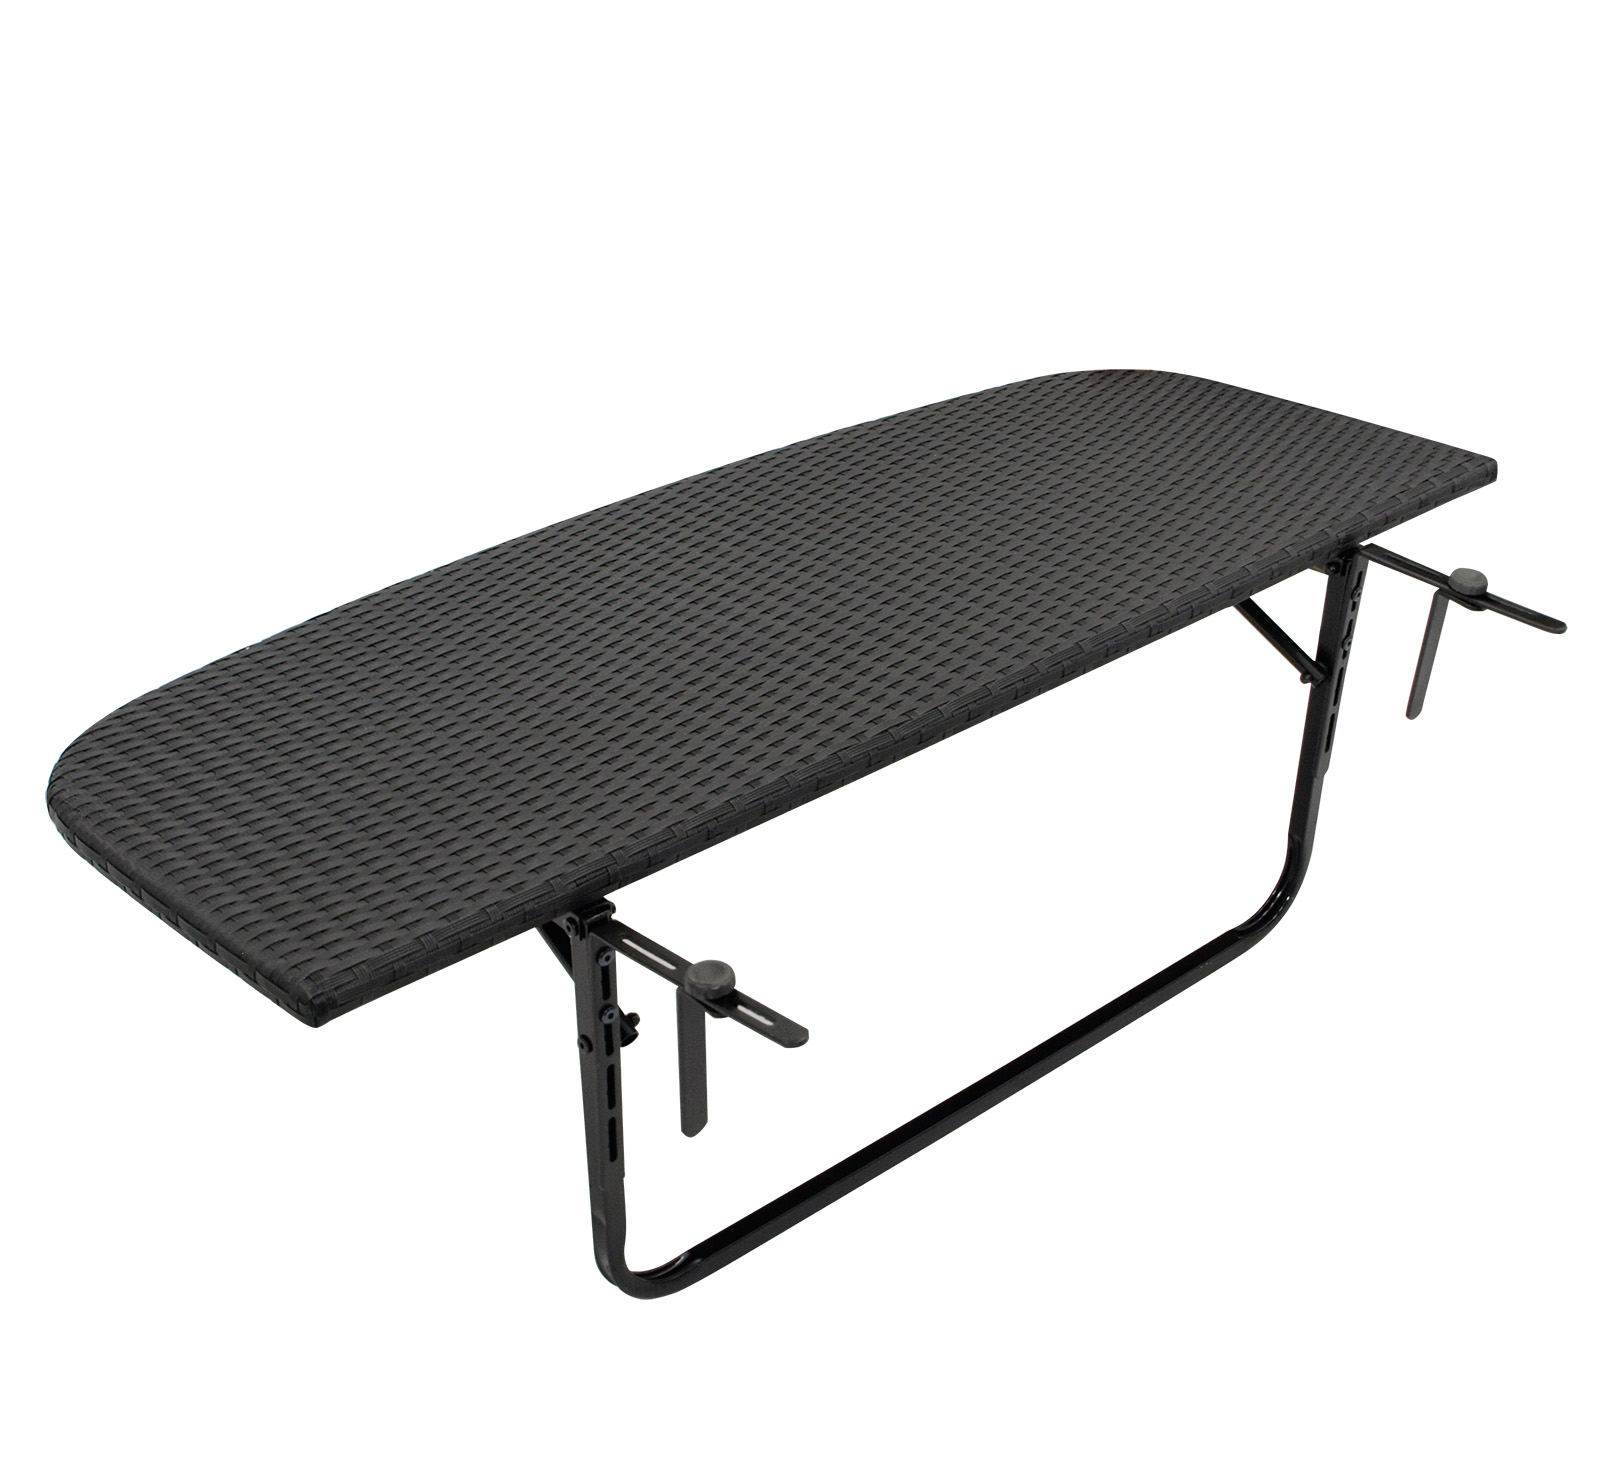 Balkonhängetisch 120x40cm, Metall + Polyrattan schwarz